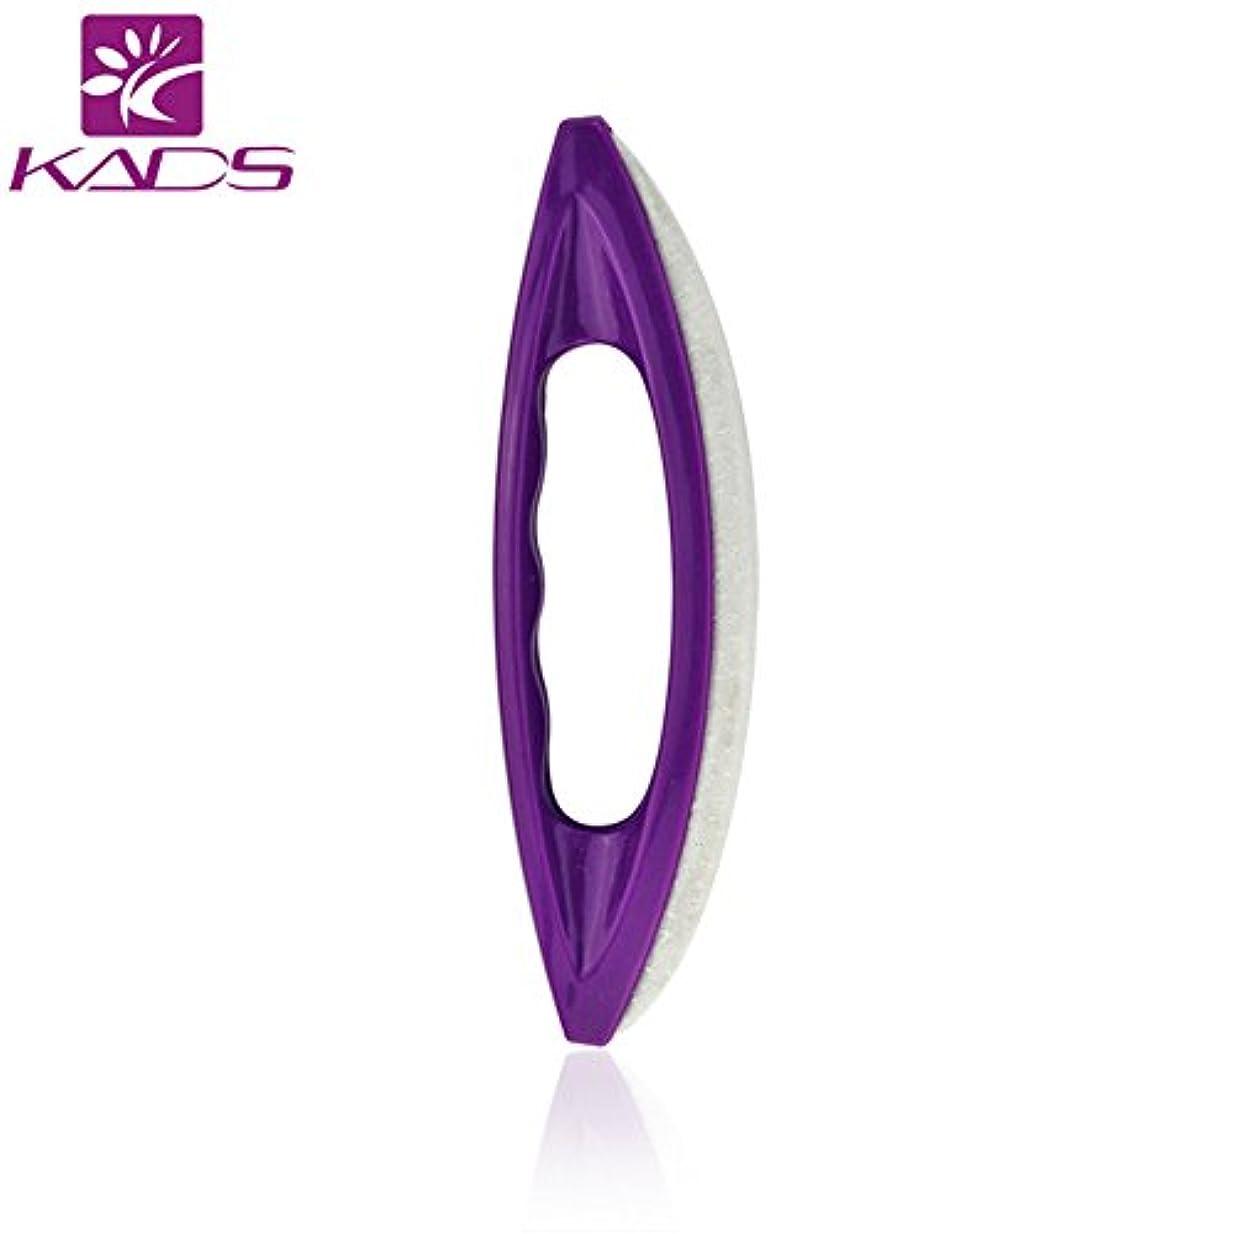 KADS シャモアジェルネイルバッファー ピカピカ ネイルシャイナー ポリッシュツール 羊レザー製ネイルアートツール(バッファー)